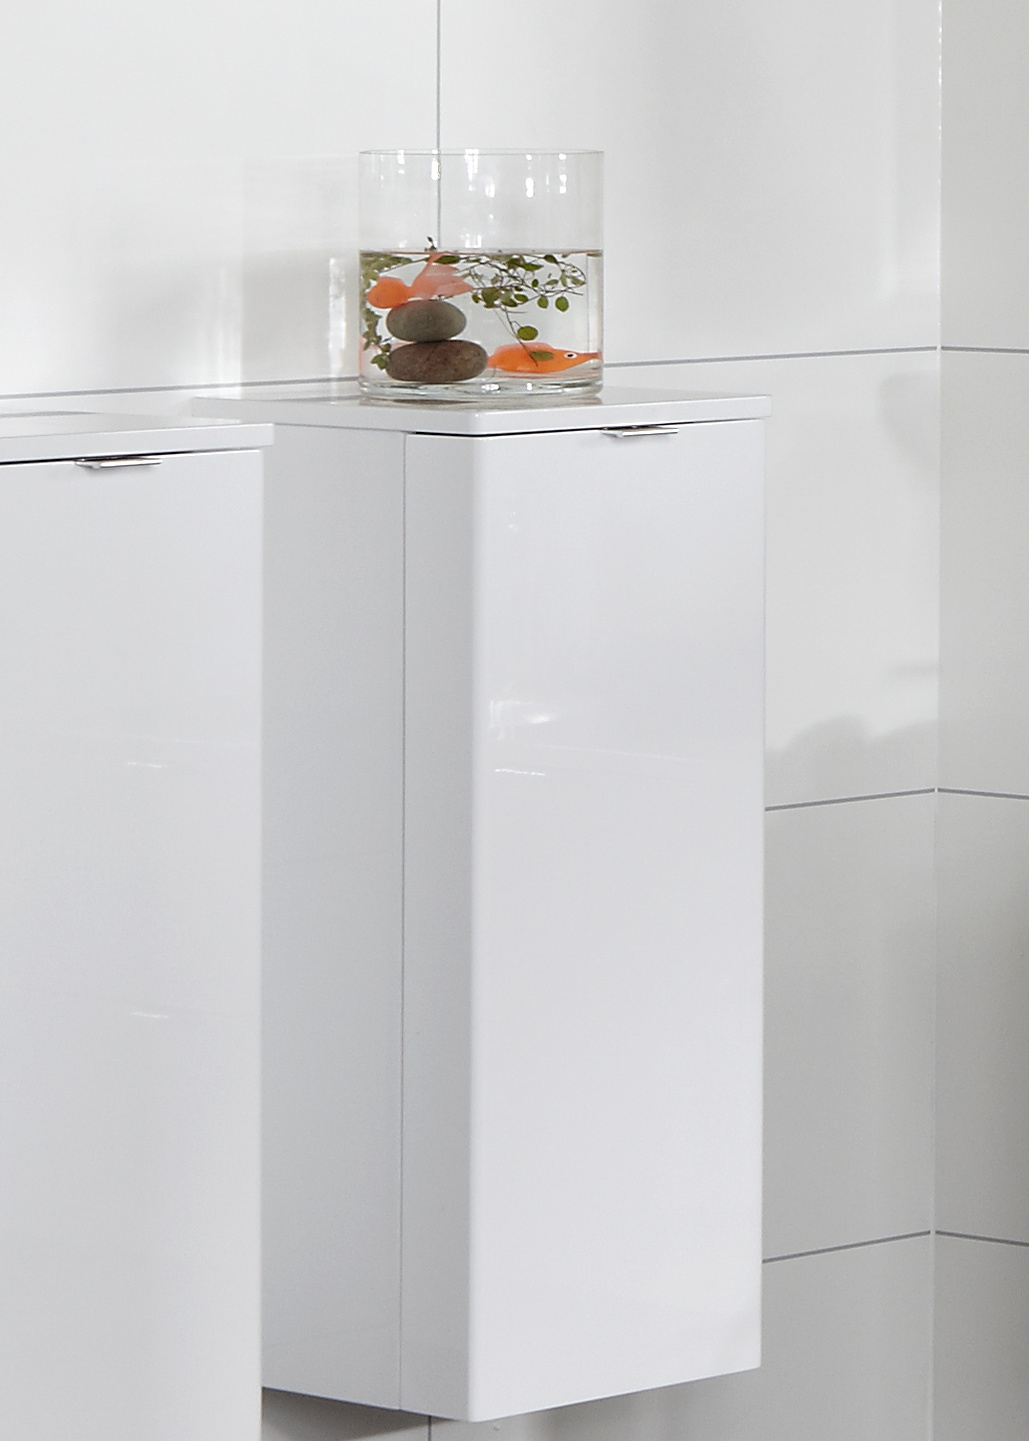 Kylpyhuonekalusteet bauhaus: laminaatti prof mm py%c%bkki s p.